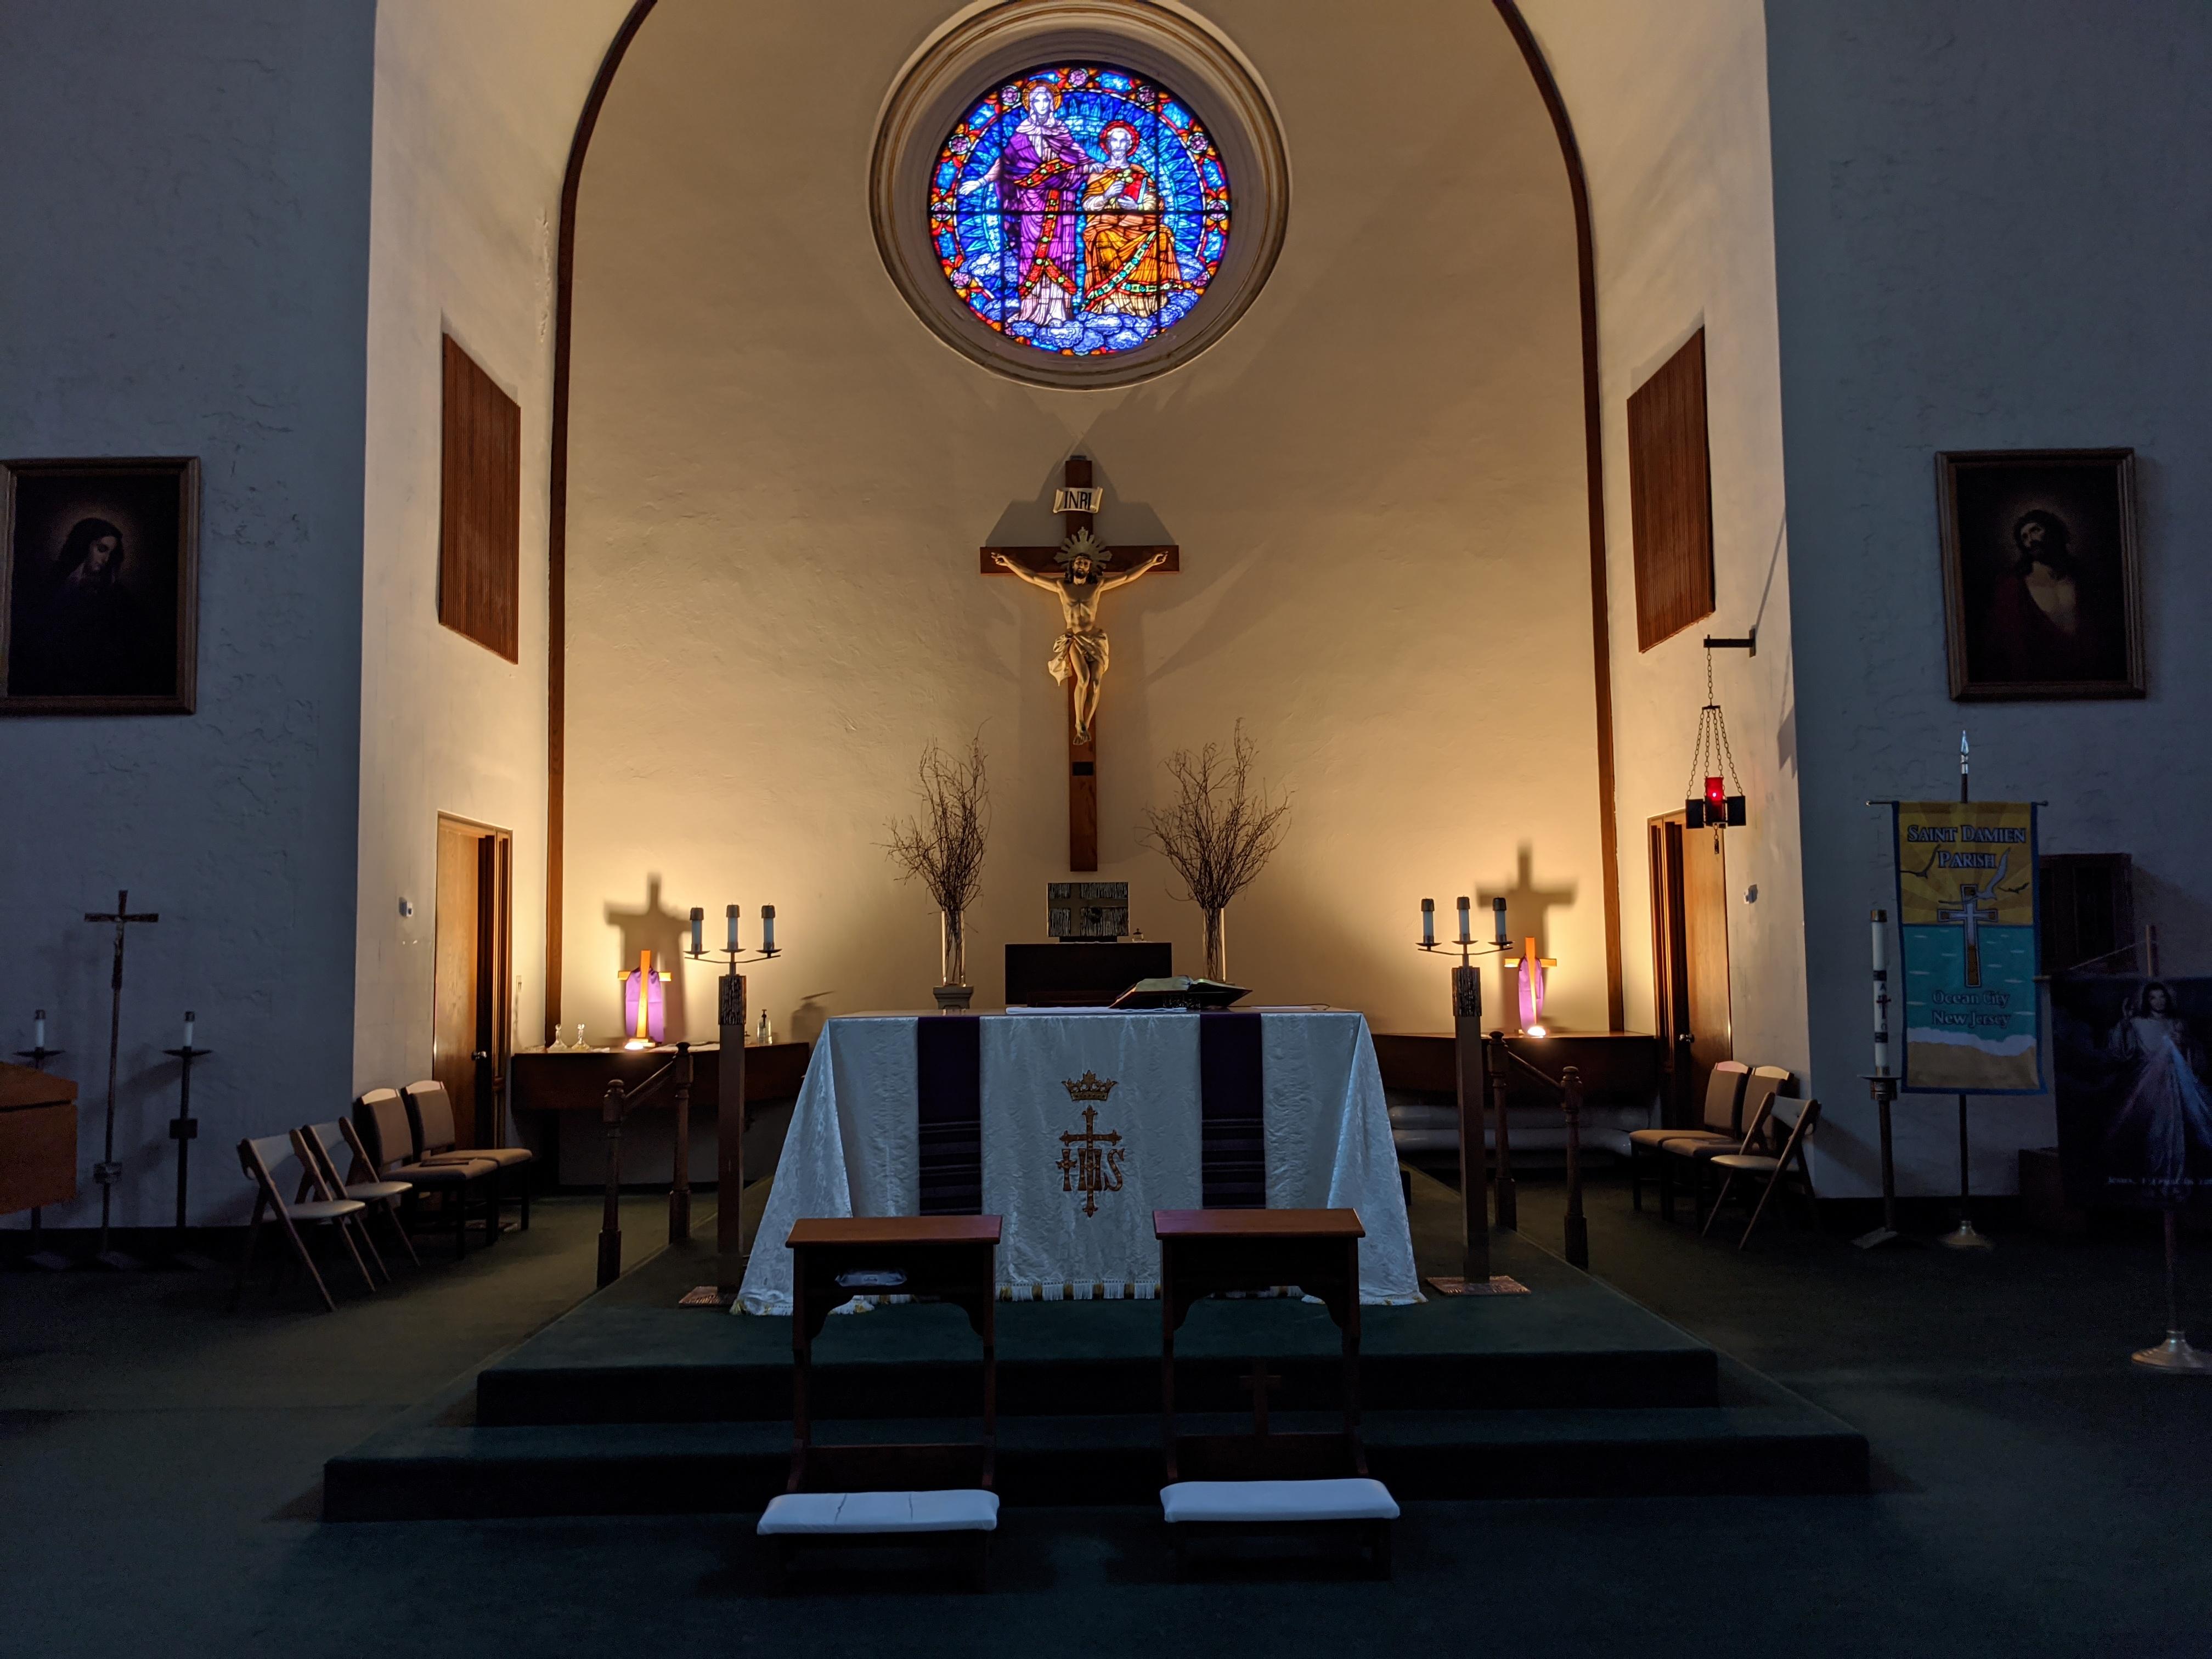 Christ at Mass Reflection (July 5, 2020)